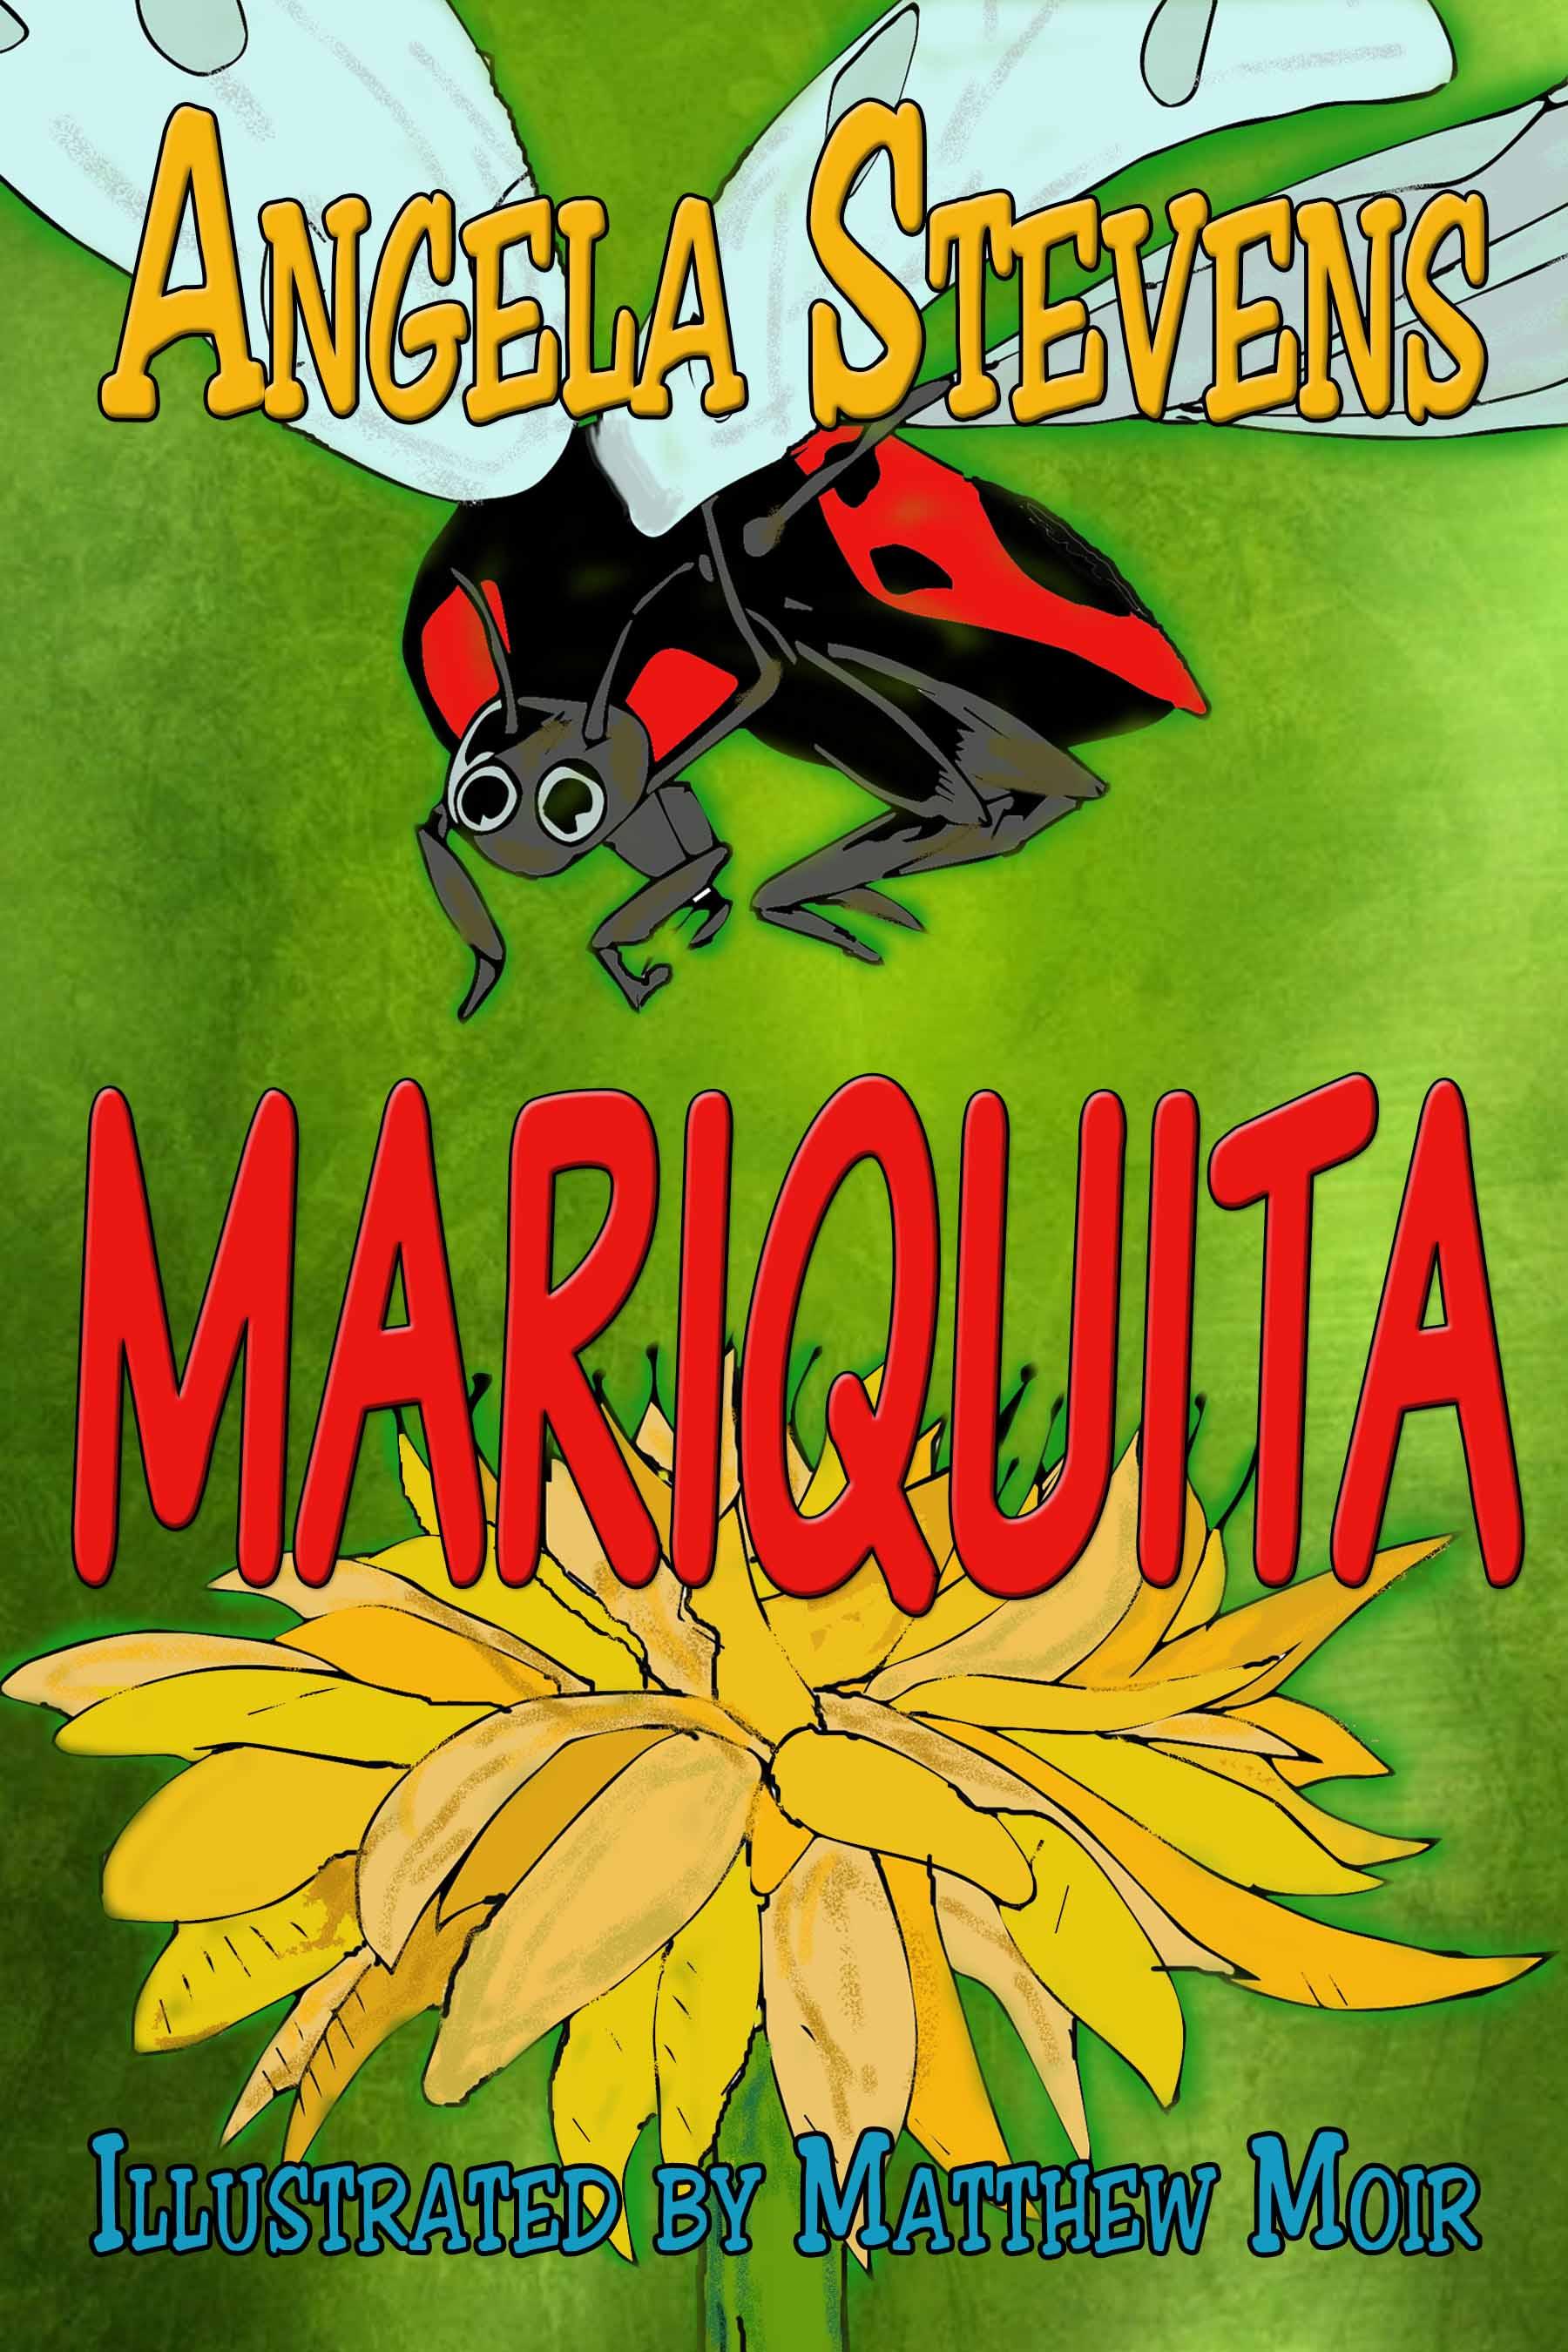 Mariquita cover 2 copy.jpg